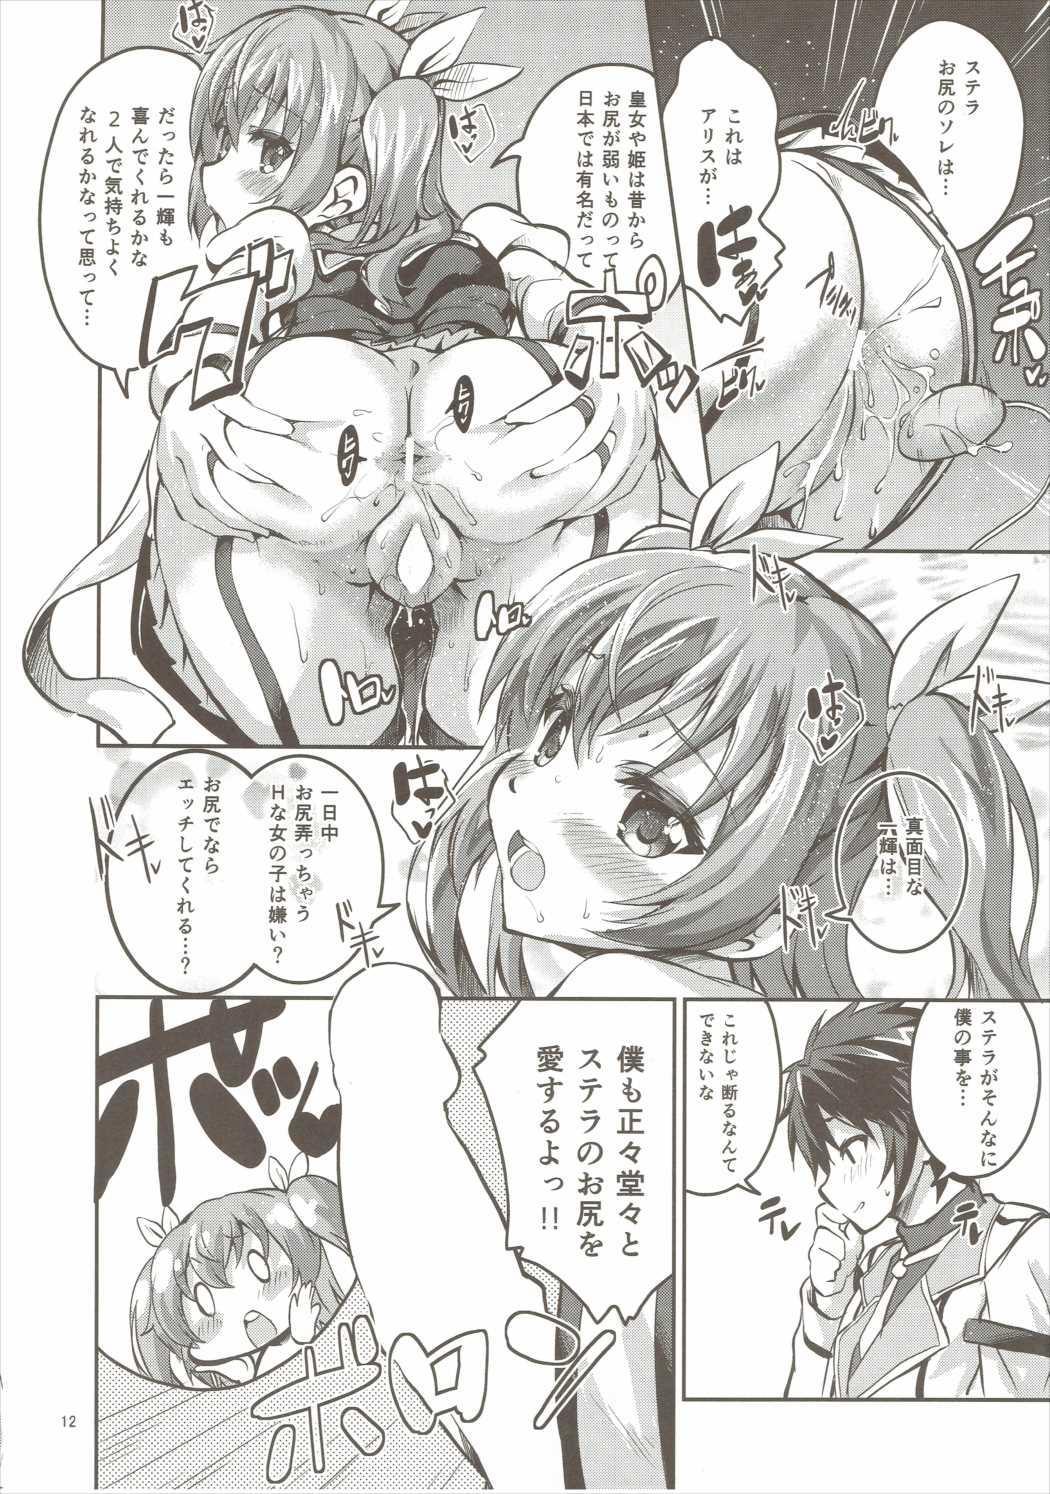 Koushoku Koujo no Seibitai 10